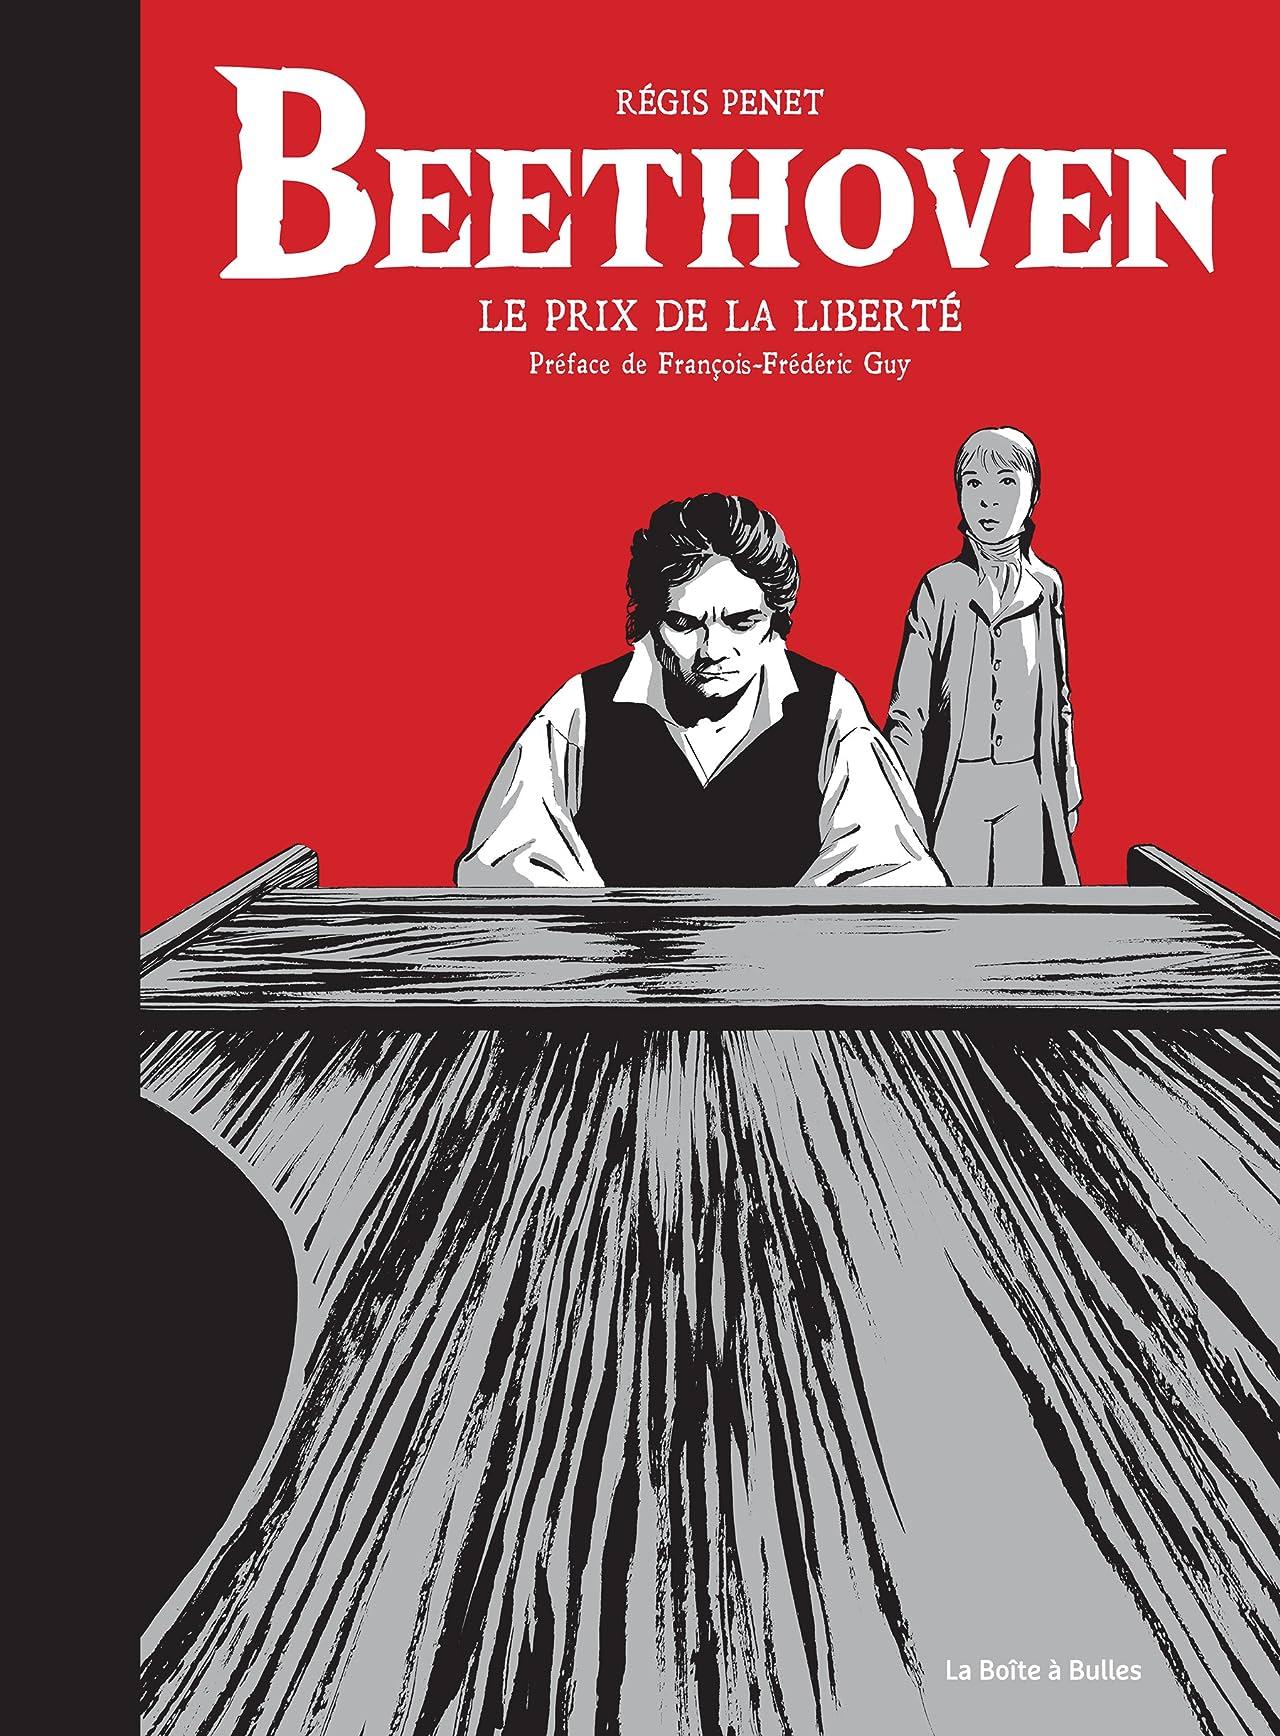 Beethoven: Le prix de la liberté